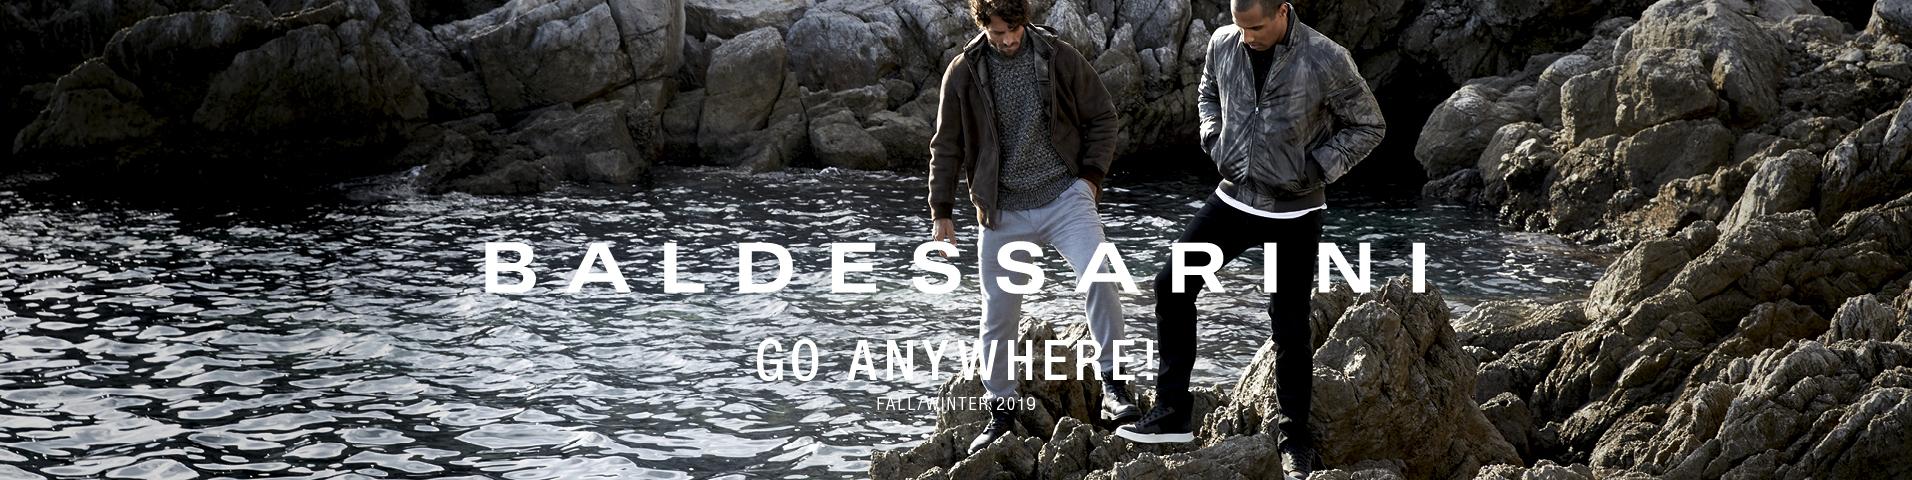 Baldessarini Jacken für Herren riesige Auswahl online | ZALANDO